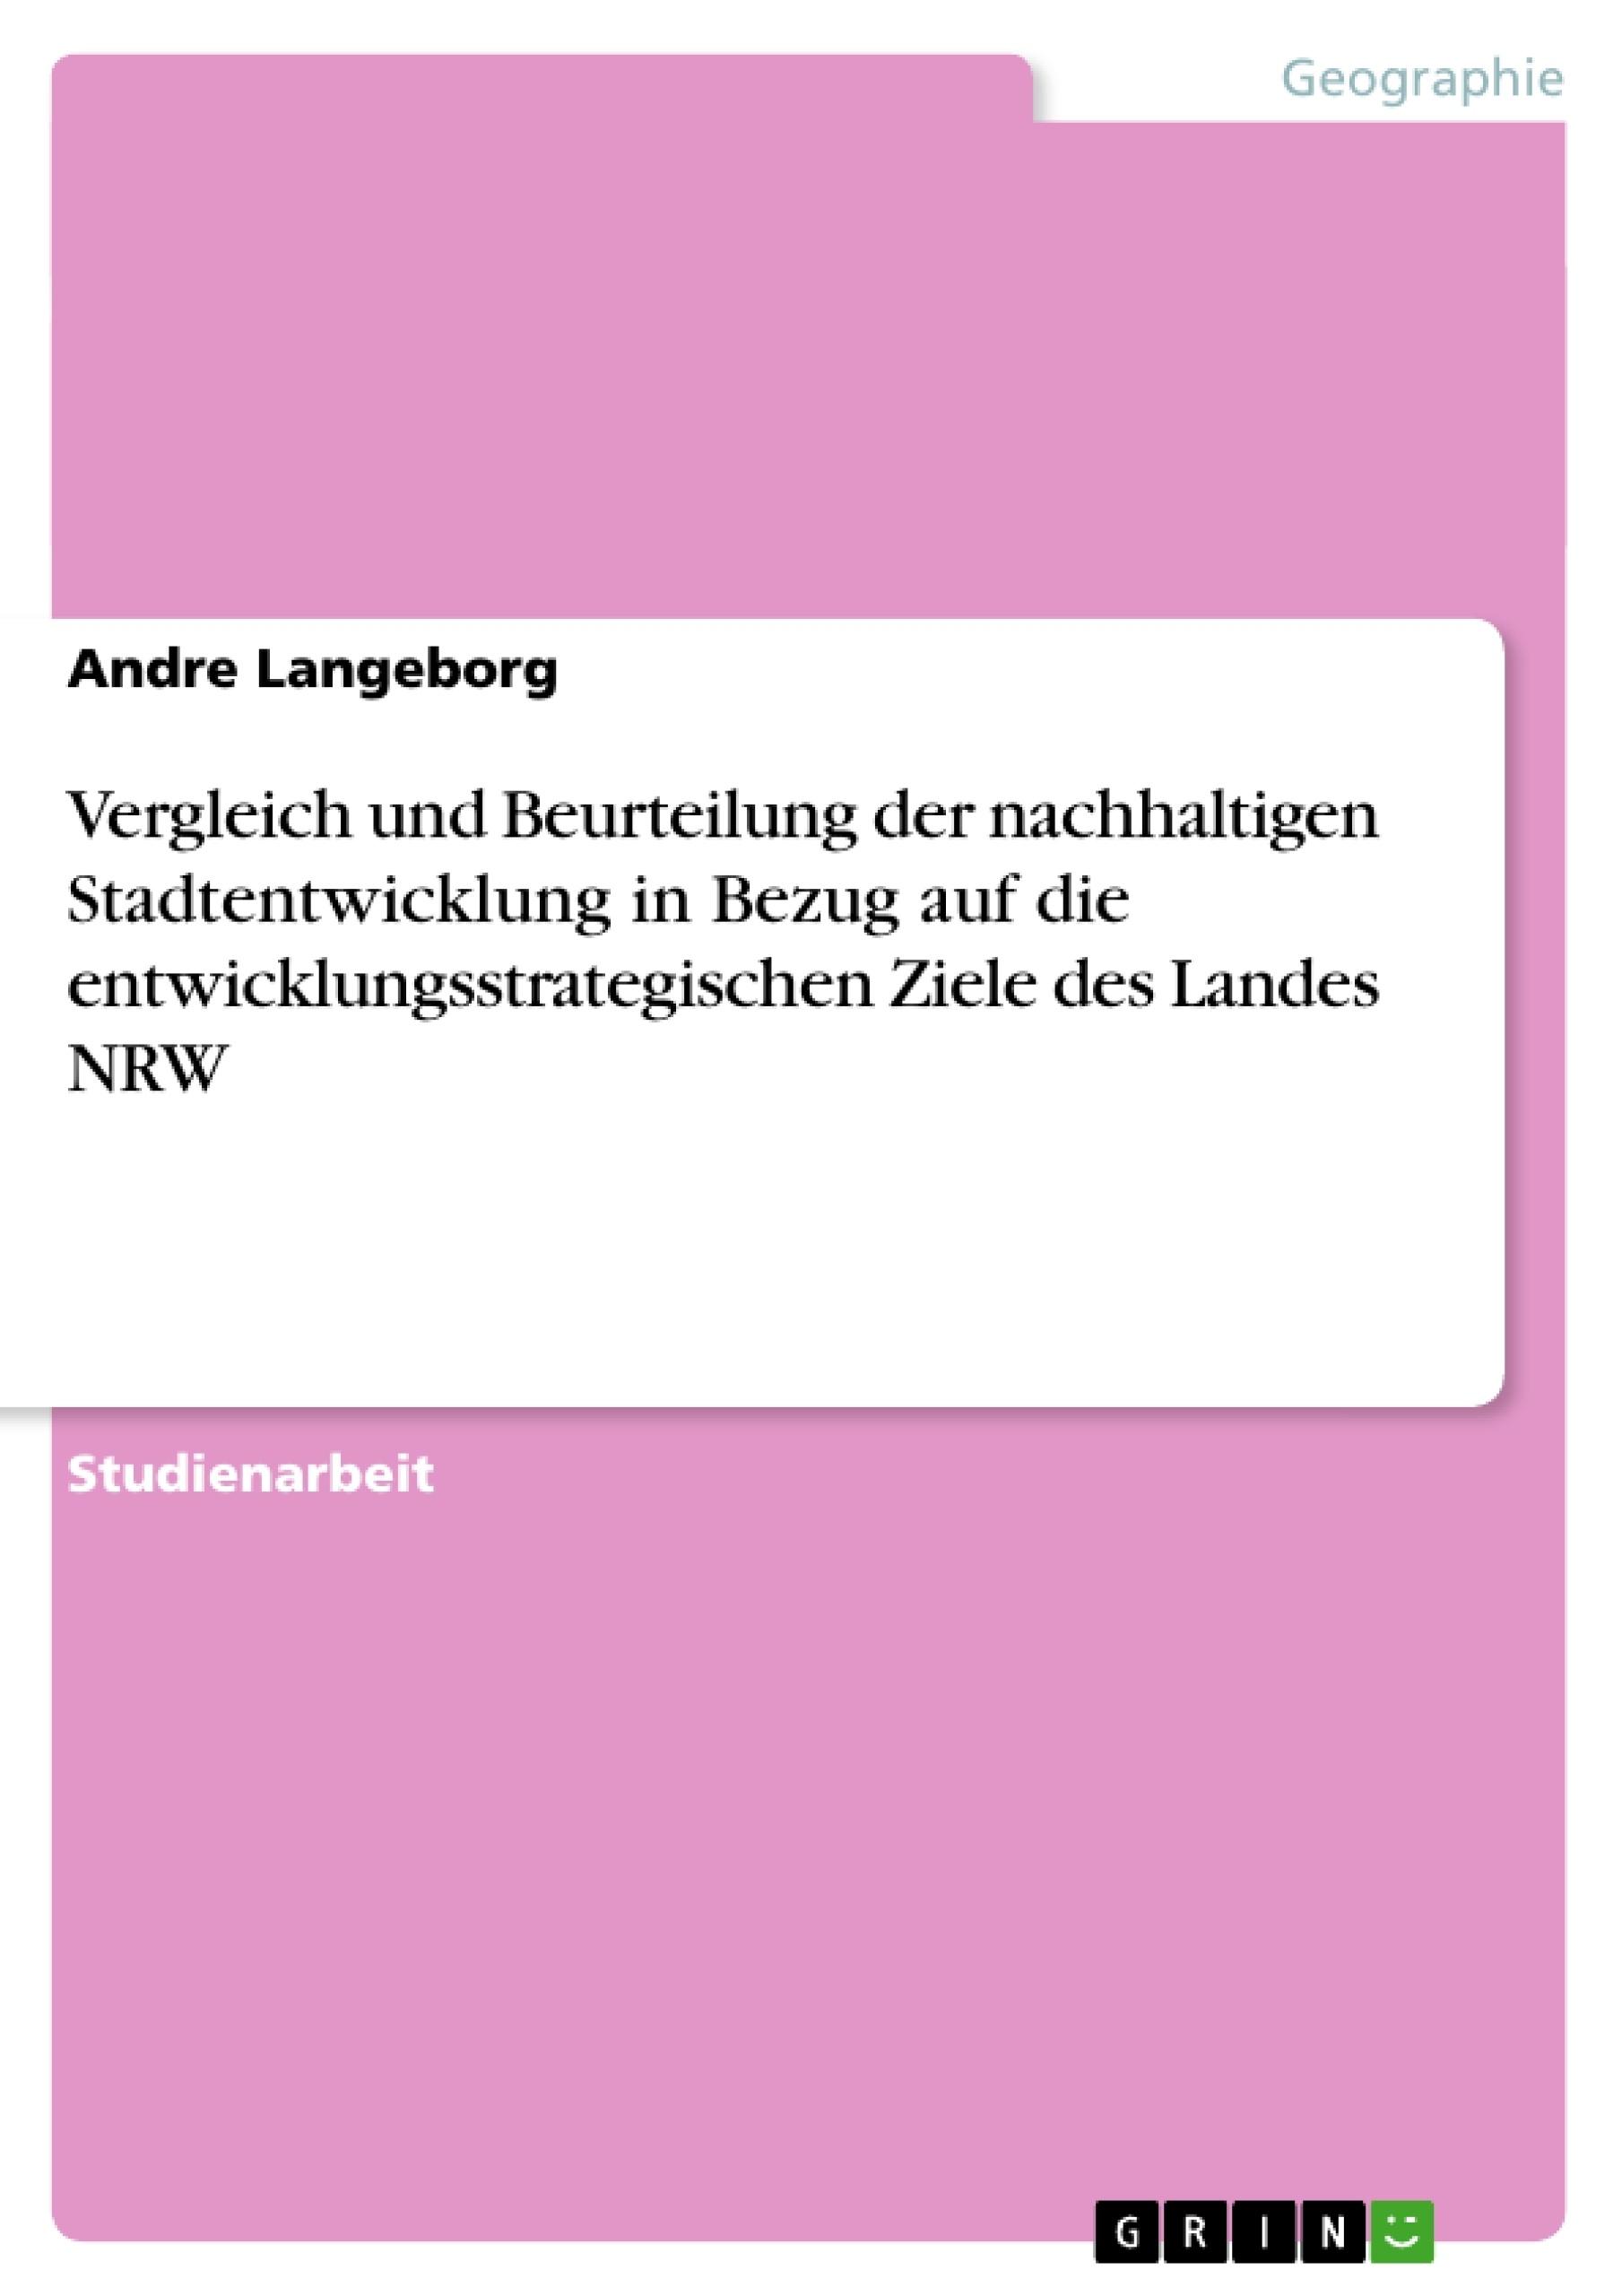 Titel: Vergleich und Beurteilung der nachhaltigen Stadtentwicklung in Bezug auf die entwicklungsstrategischen Ziele des Landes NRW